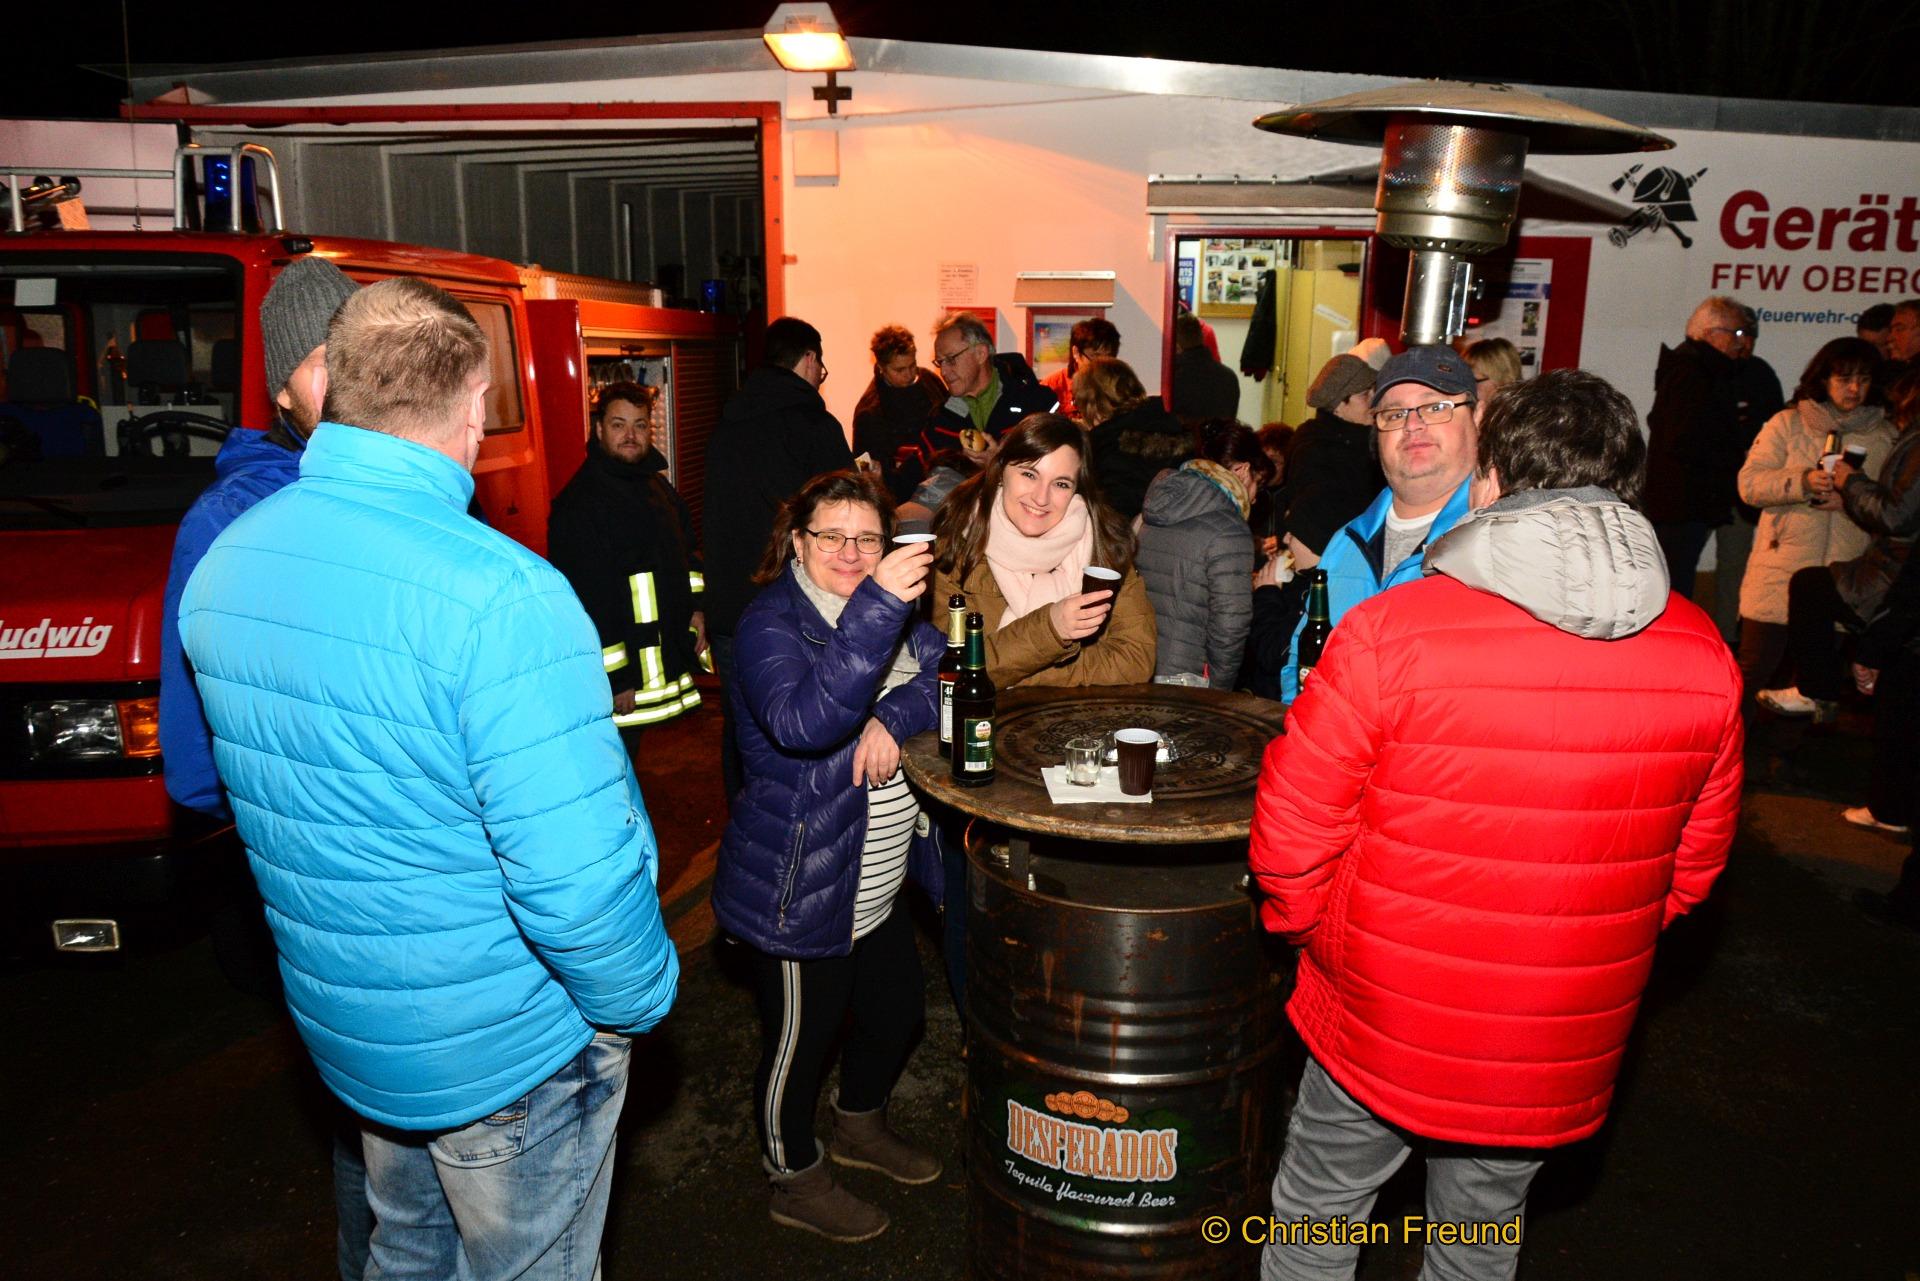 Impressionen vom Schubkarren-Wettbewerb und dem Gute-Laune-Fest rund ums Feuerwehrhaus